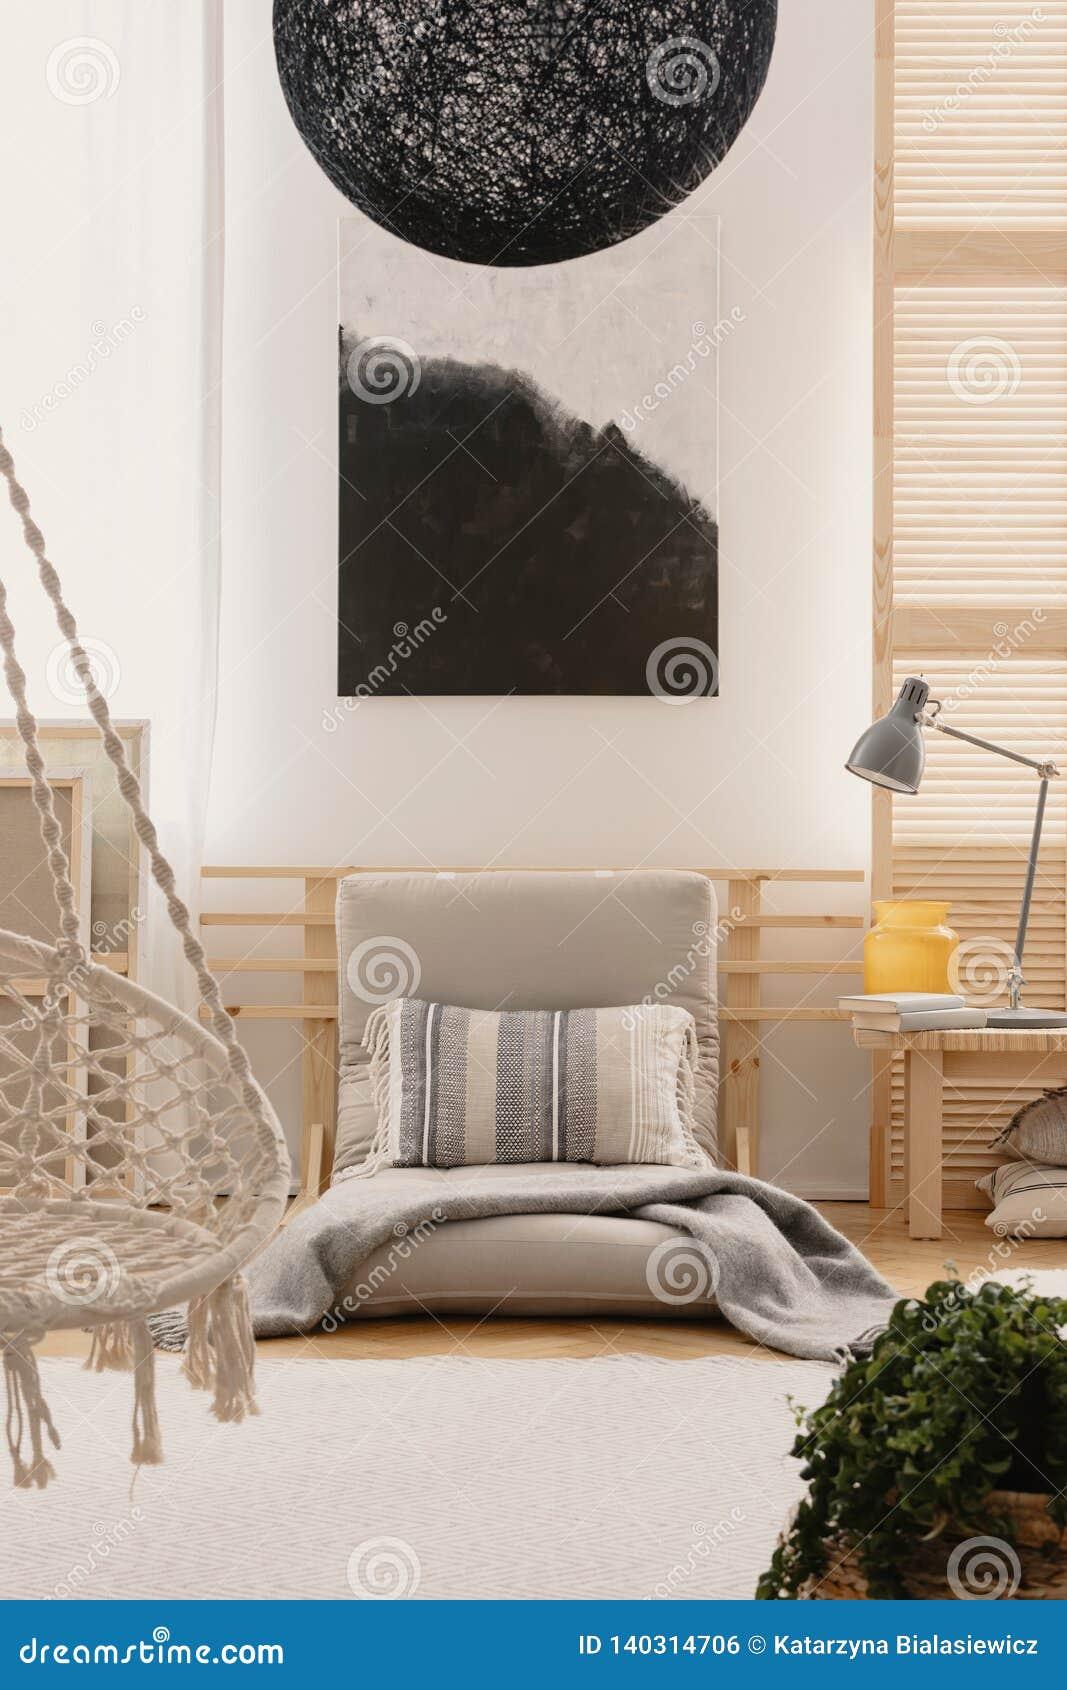 Peinture Noire Et Blanche Abstraite Sur Le Mur Dans L